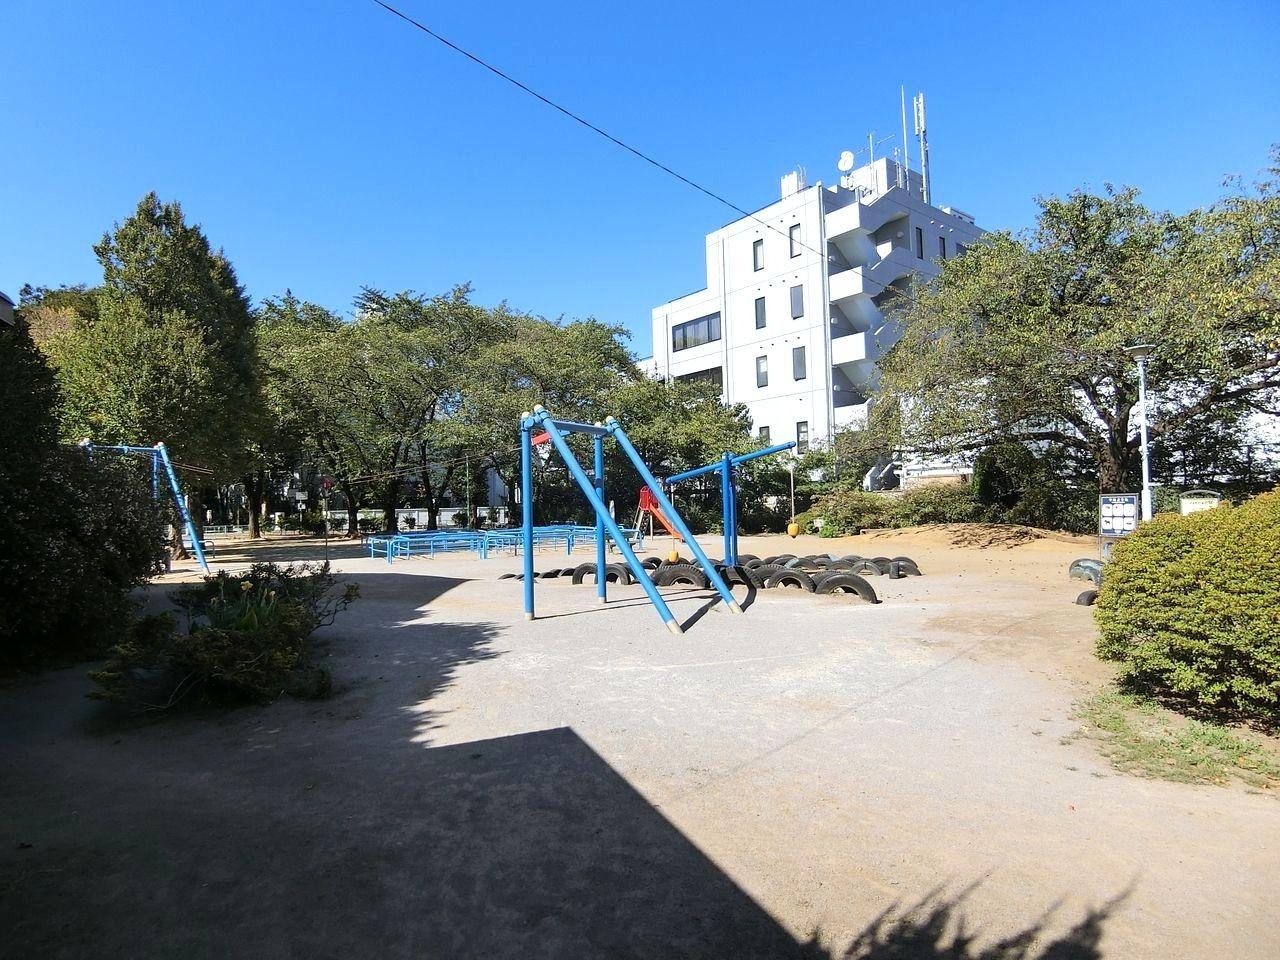 板橋区宮本町のタイヤ公園